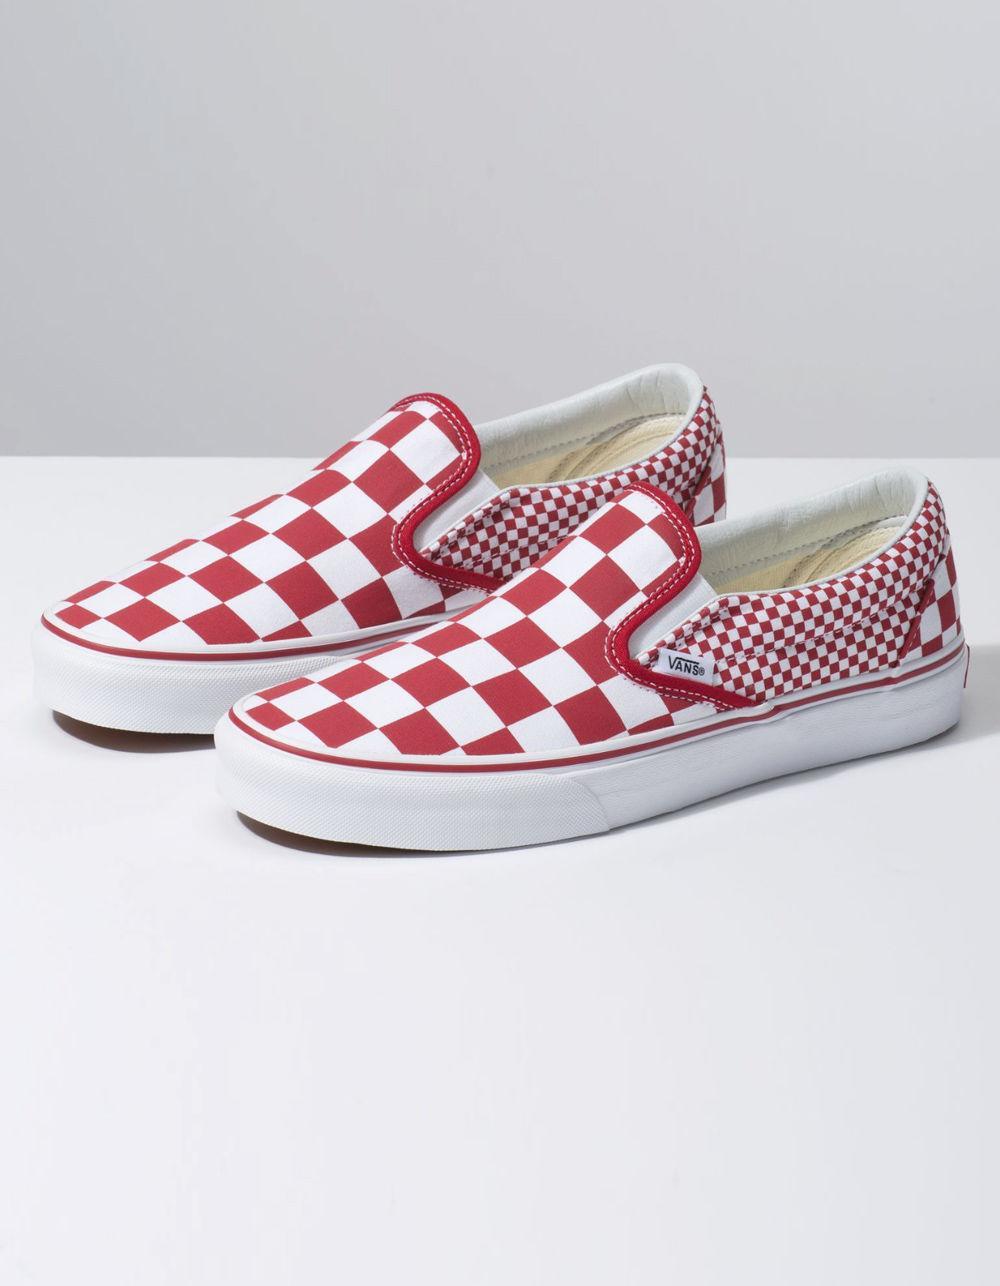 19f2fe70ea2 Lyst - Vans Mix Checker Classic Slip-on Chili Pepper   True White Shoes in  White